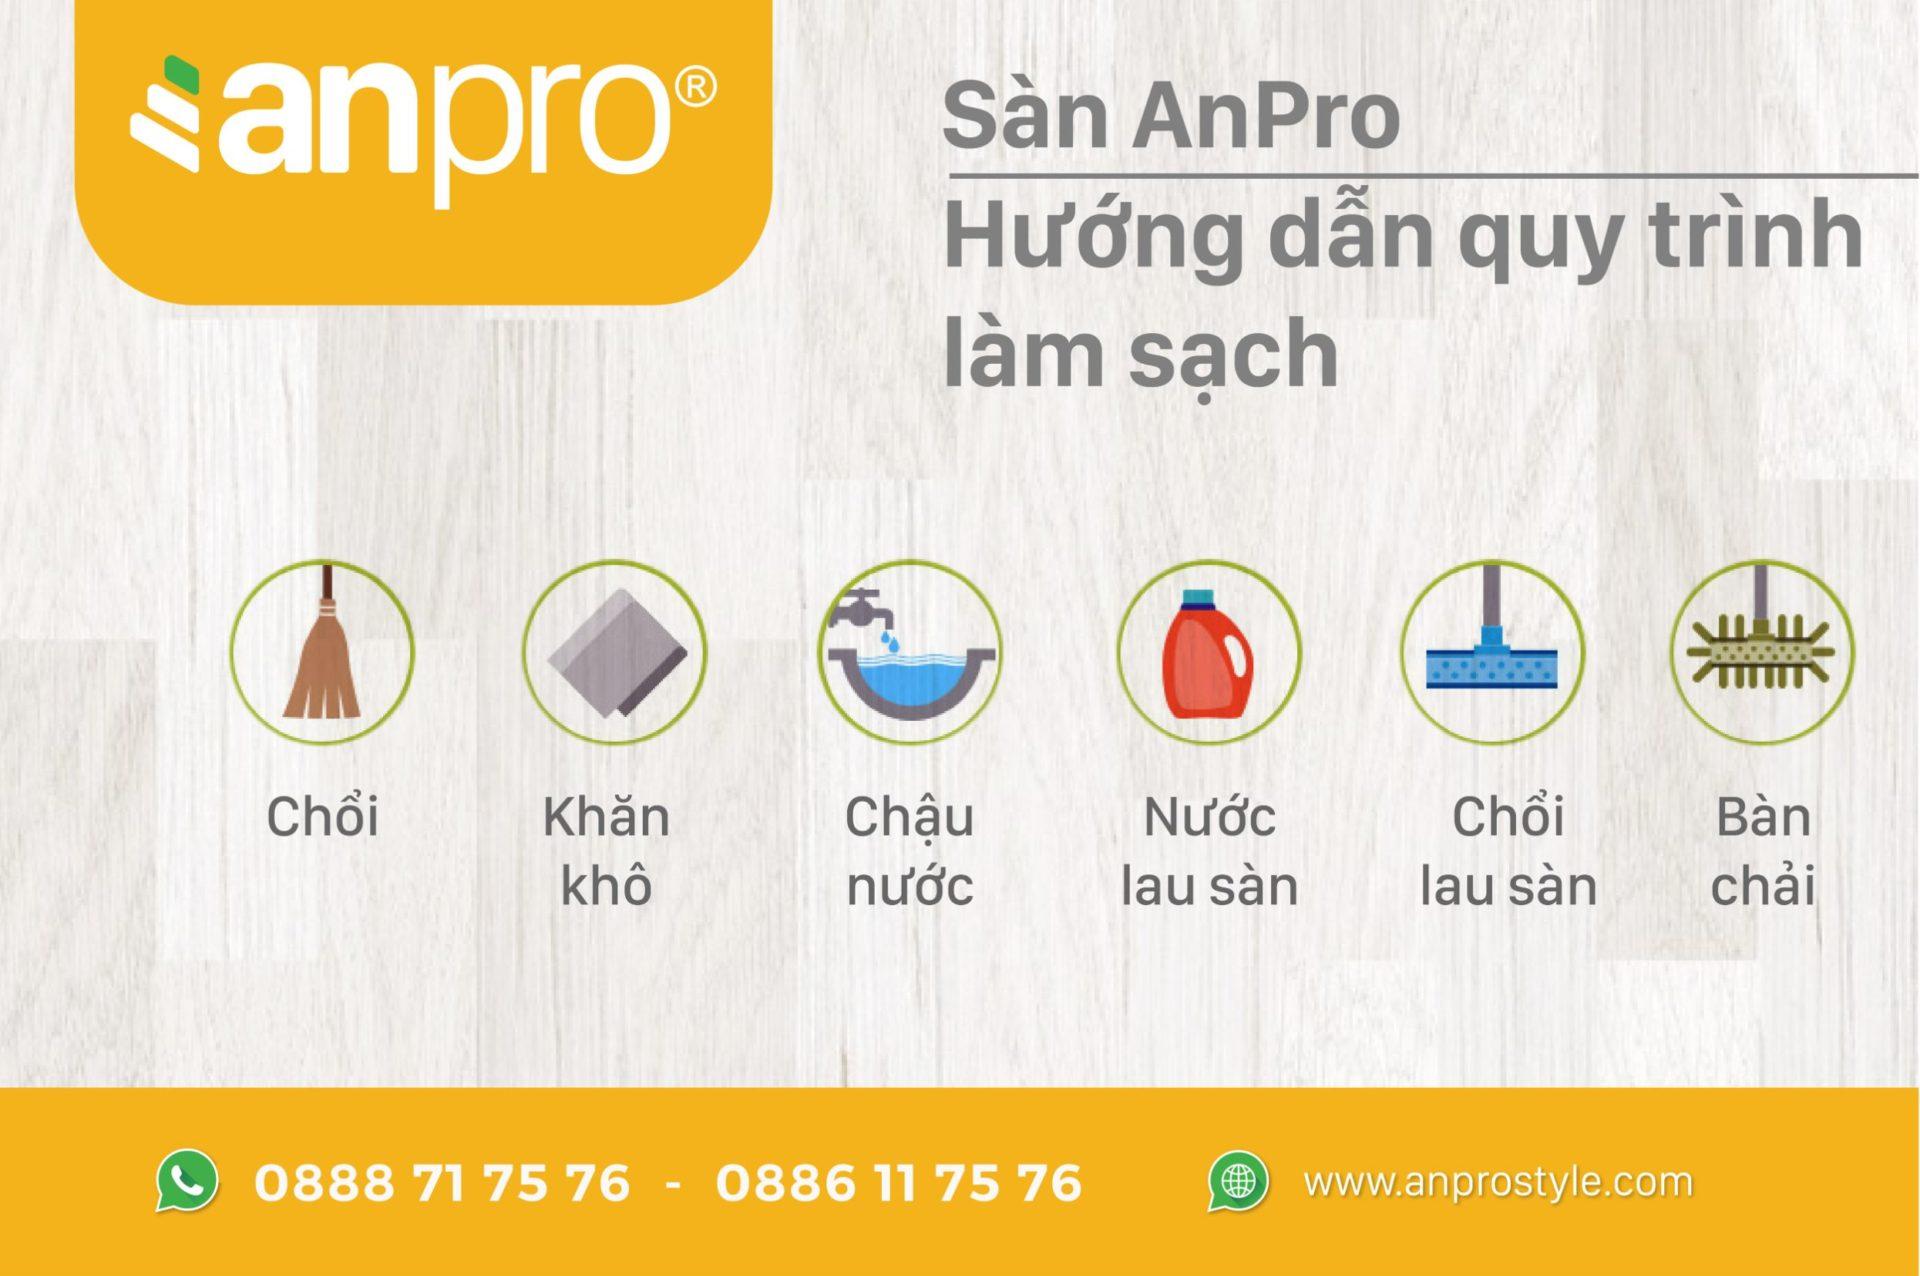 1 - Cách vệ sinh sàn vân gỗ AnPro